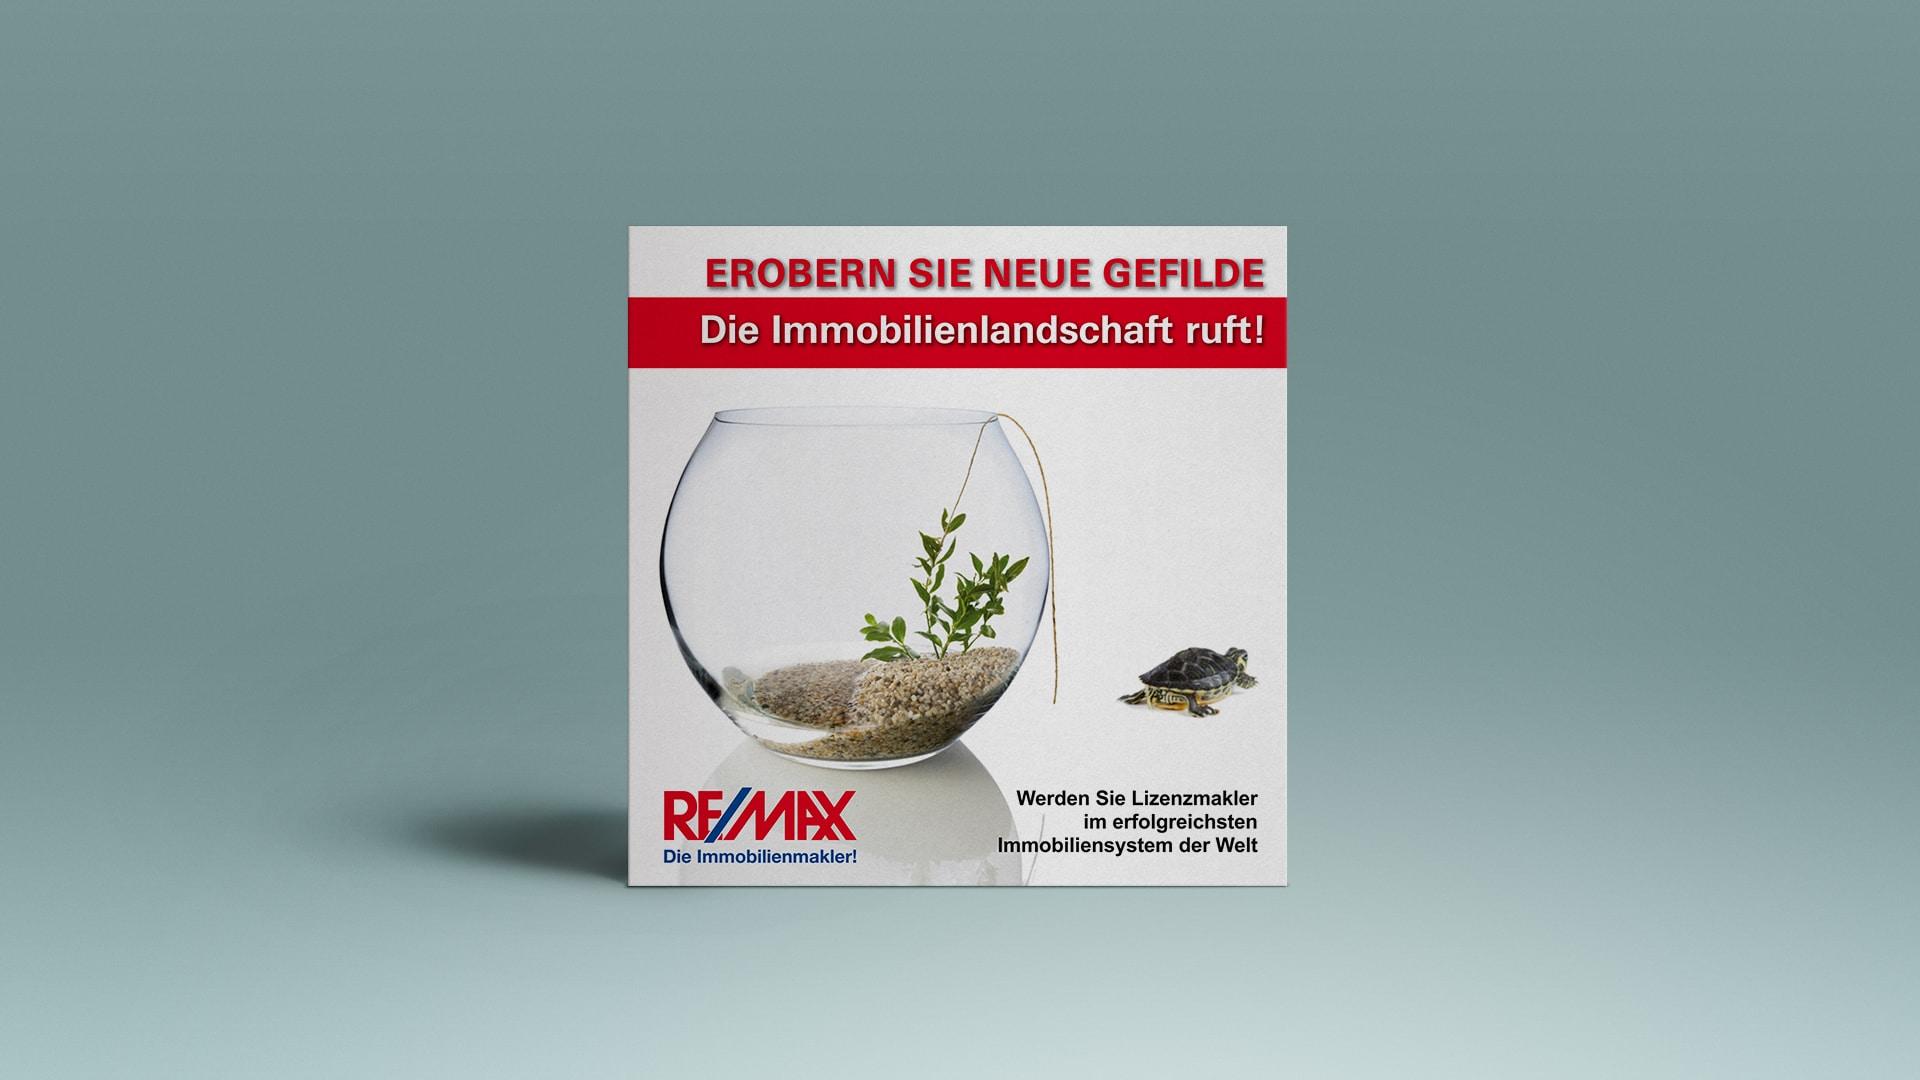 """Broschüre REMAX Immobilien<a title=""""zum PDF"""" href=""""http://www.elementardesign.de/wp-content/uploads/2017/10/REMAX.pdf"""" target=""""_blank"""" style=""""cursor: pointer;"""" > Link zur PDF-Version</a>"""